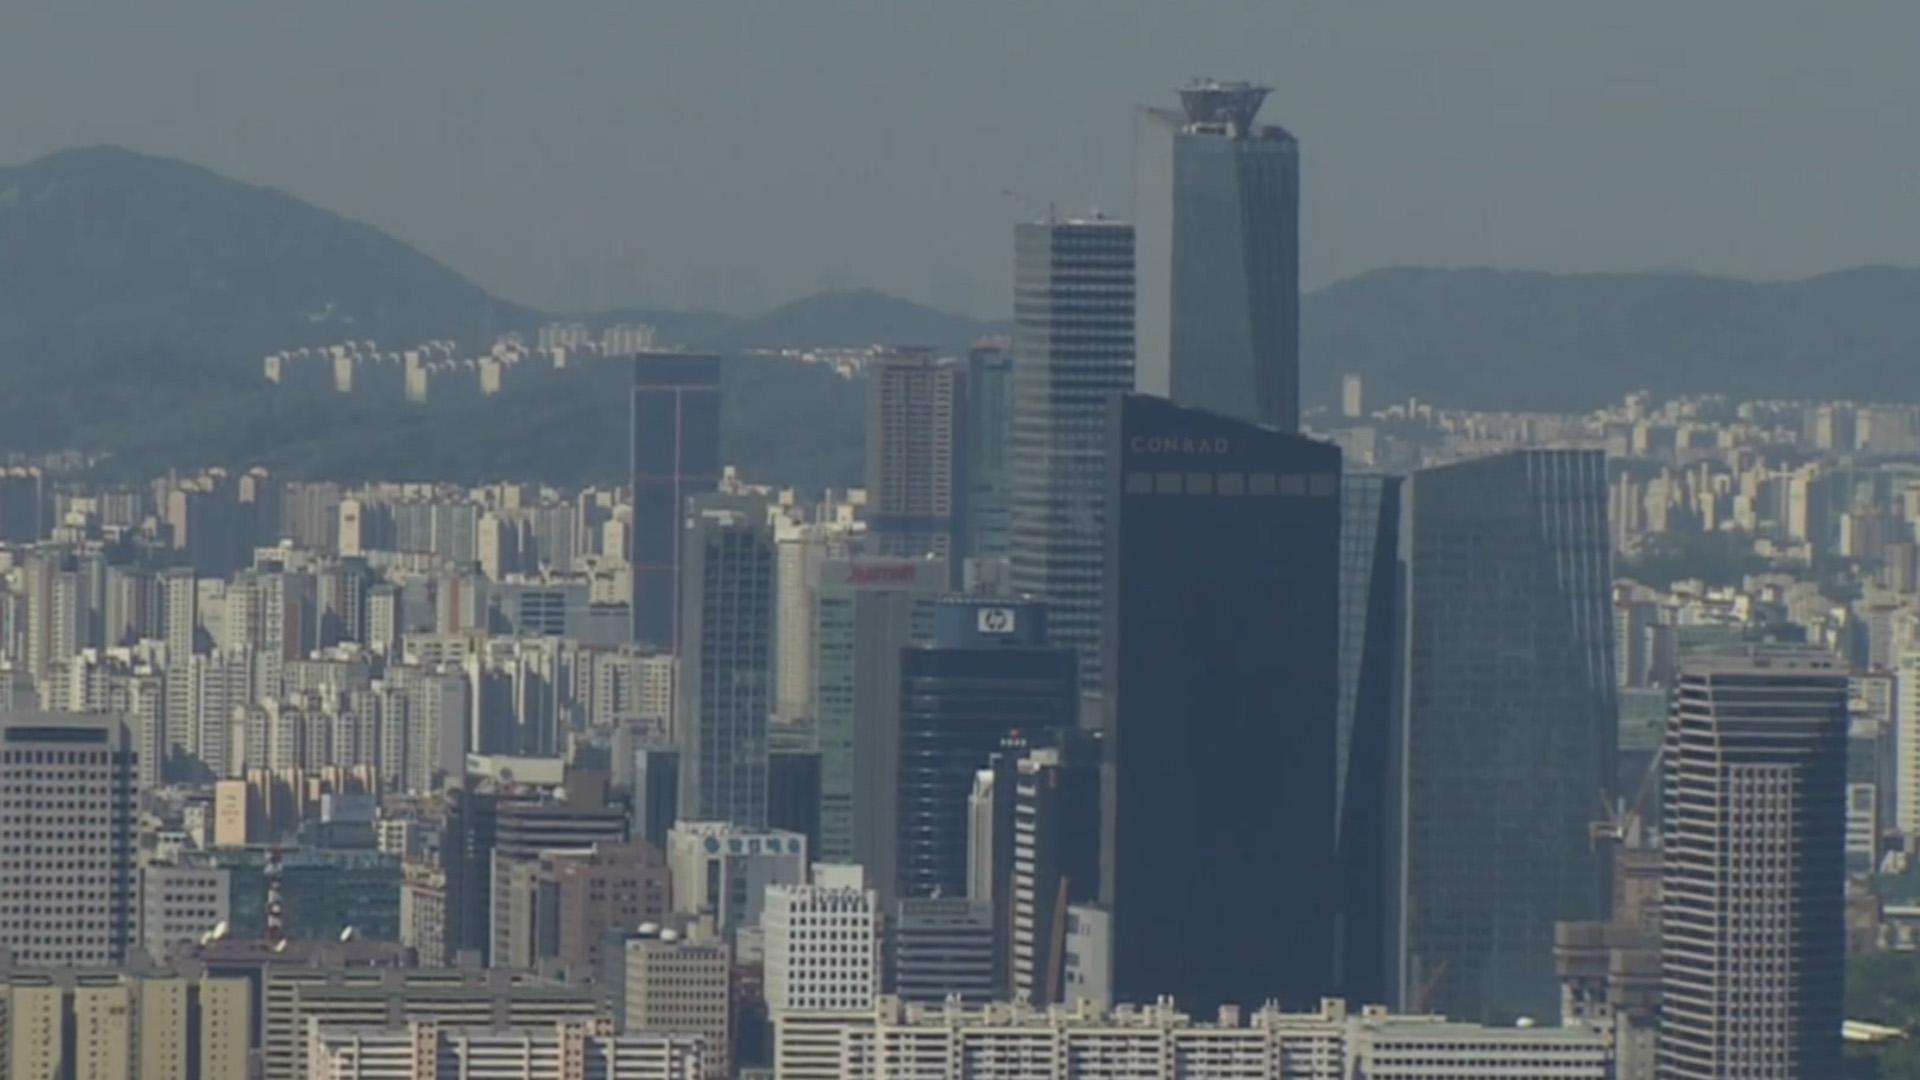 CJ 이어 롯데도…재계 '위기·비상 경영' 확산